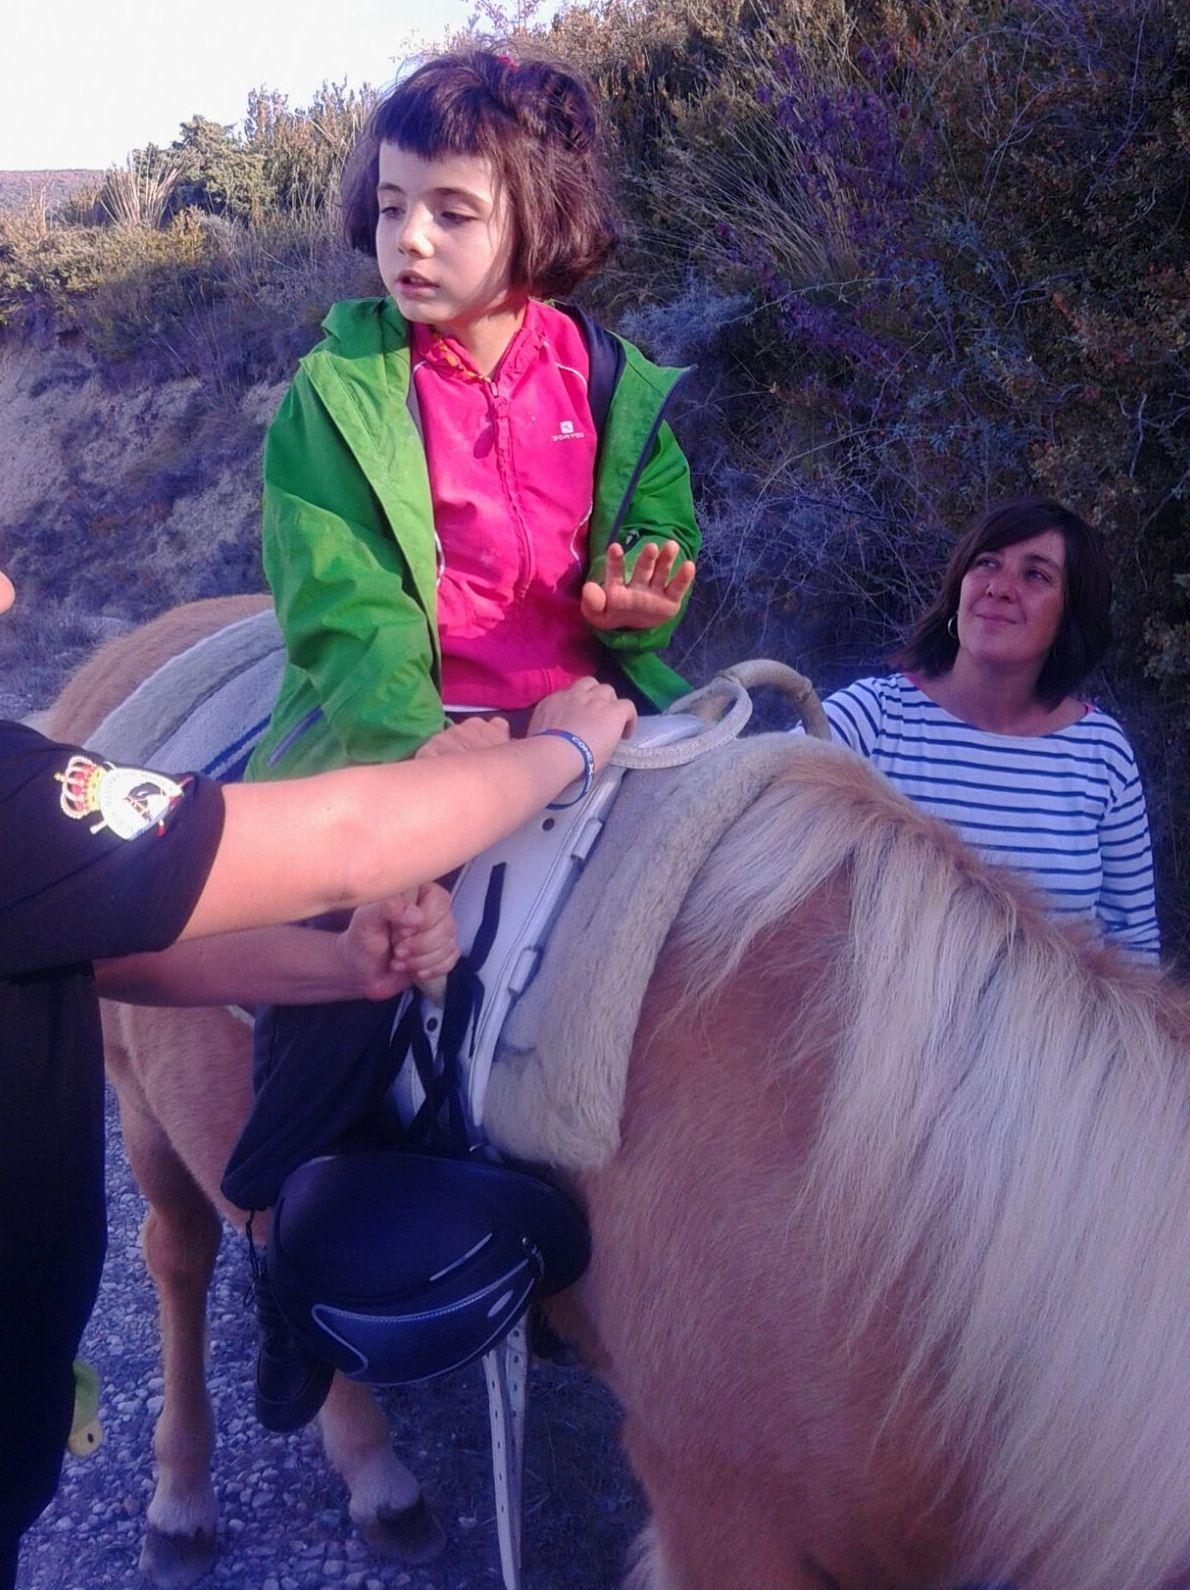 Foto 2 de Centro de equitación y equinoterapia en Labiano | Centro de Equitación y Equinoterapia Biki Blasco